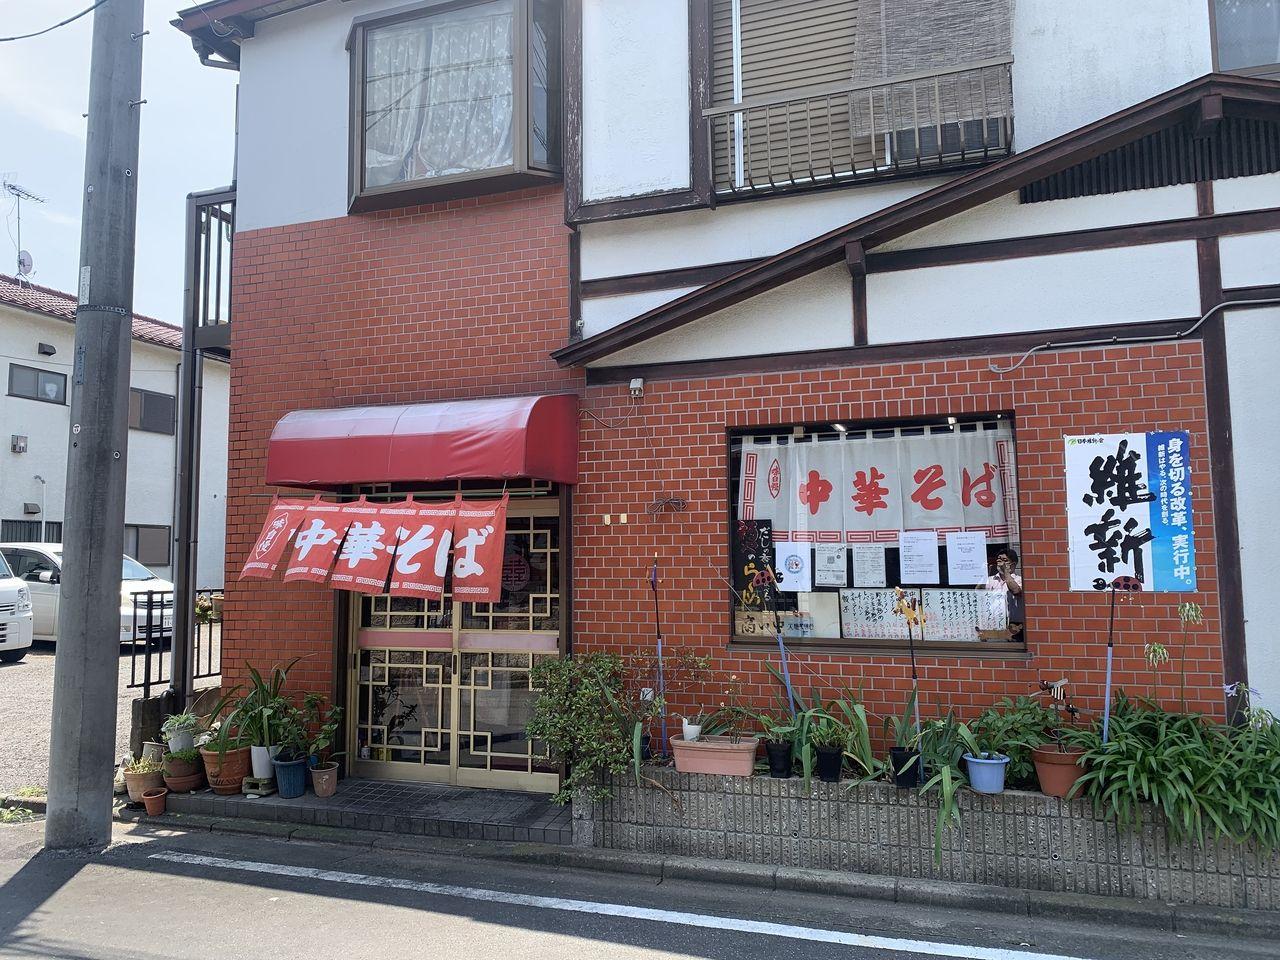 【三郷市食べ歩きブログ】三郷市三郷1丁目にある中華そば「福や」へ行ってきました!